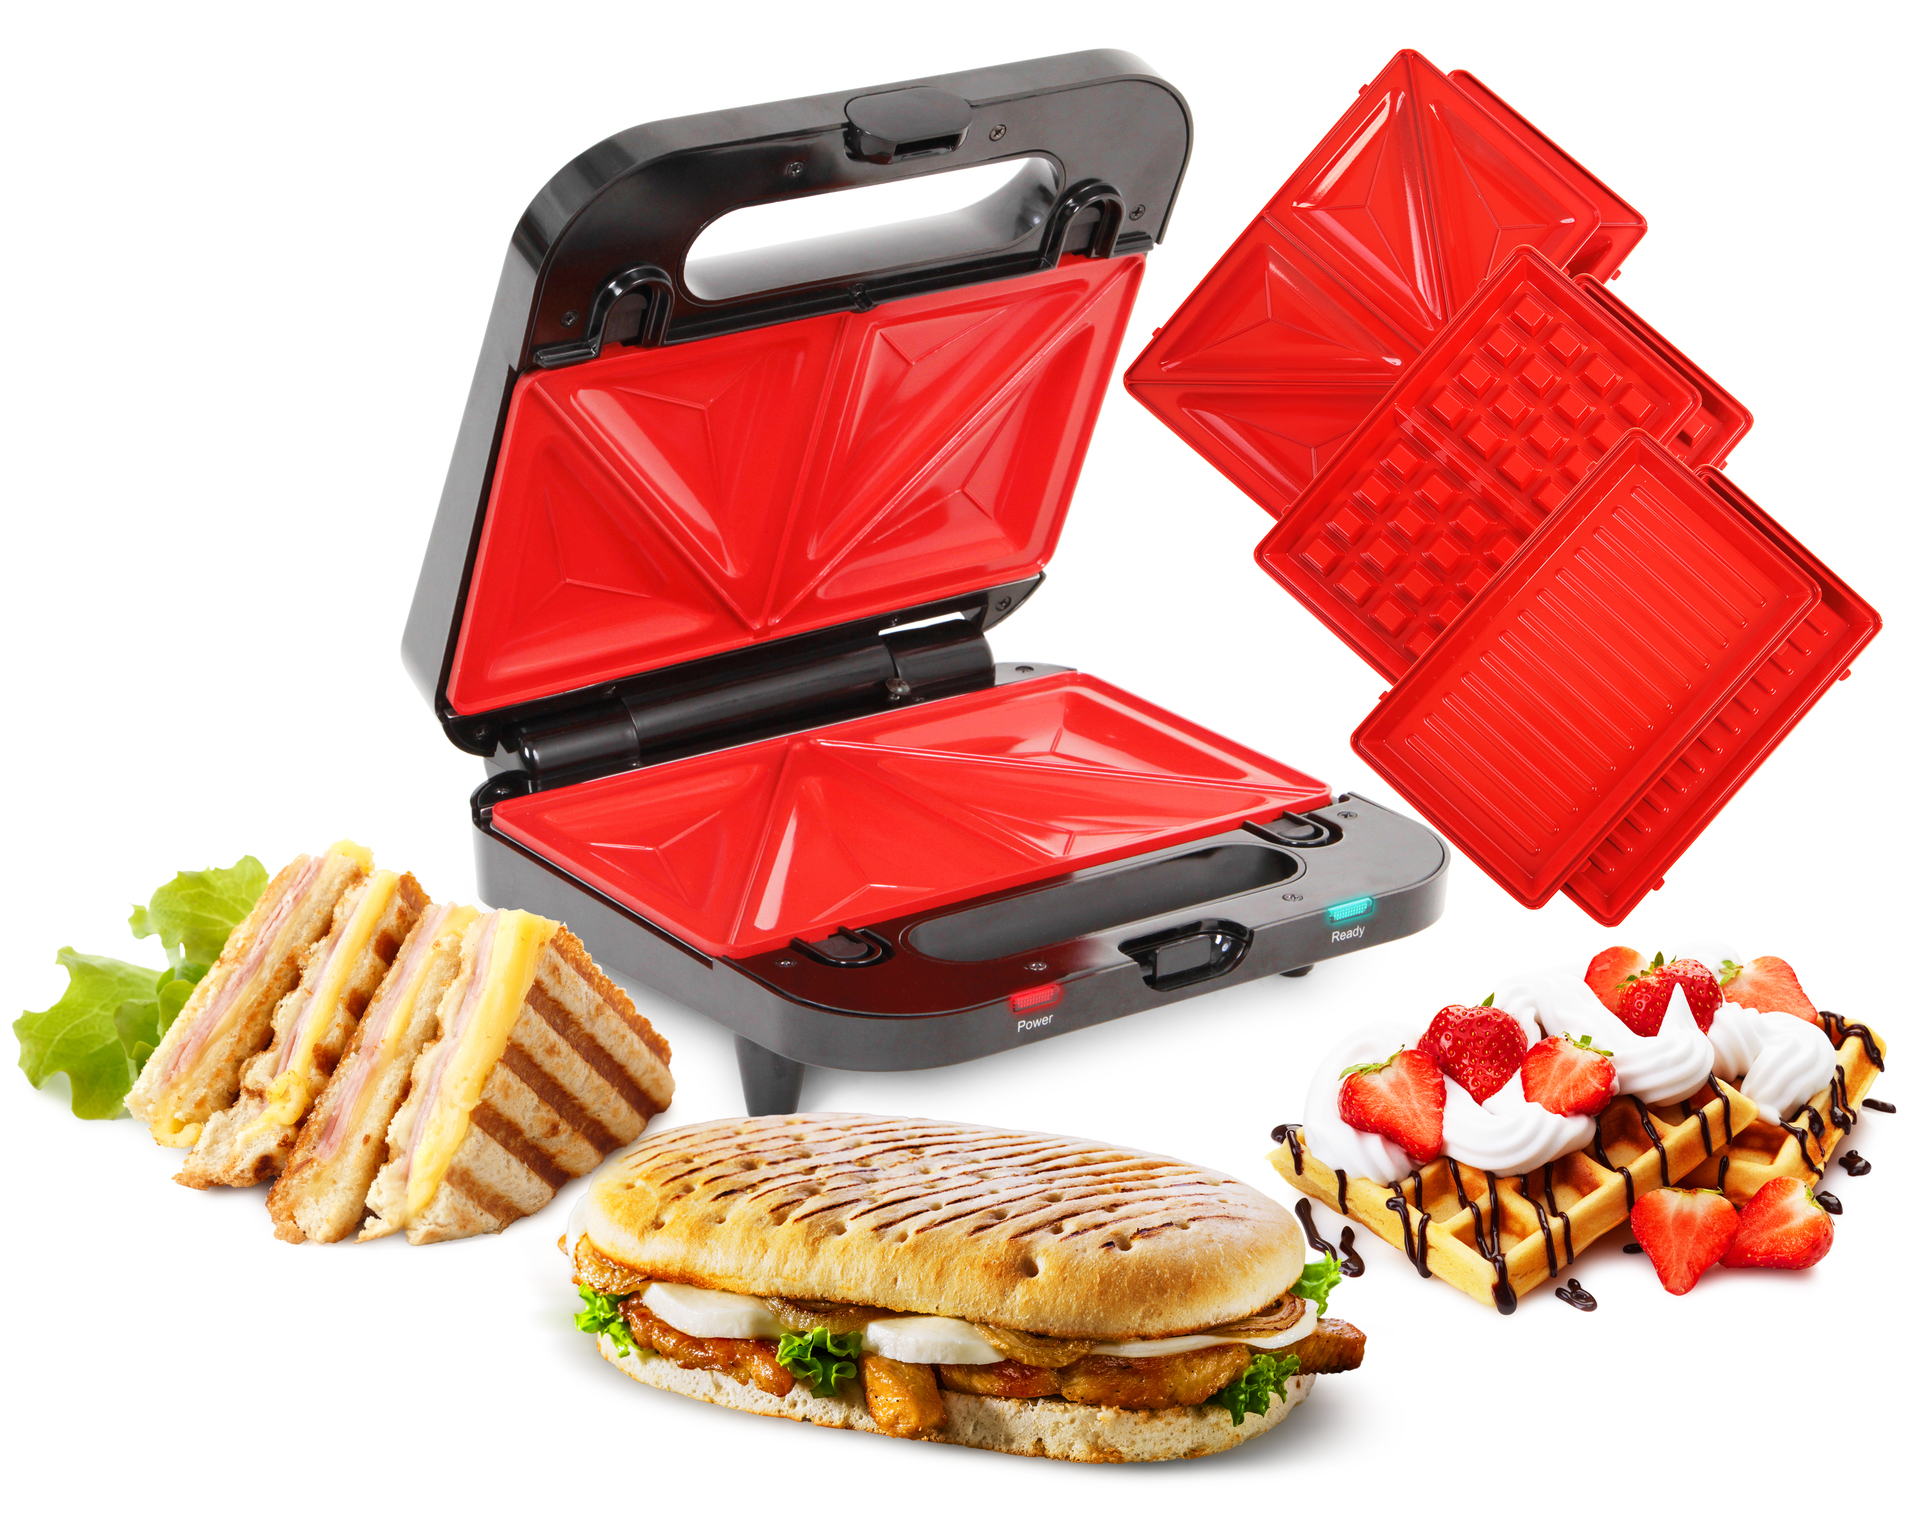 4v1 sendvičovač, vaflovač, gril, panini GRIFLOVAČ, SYSTEMAT